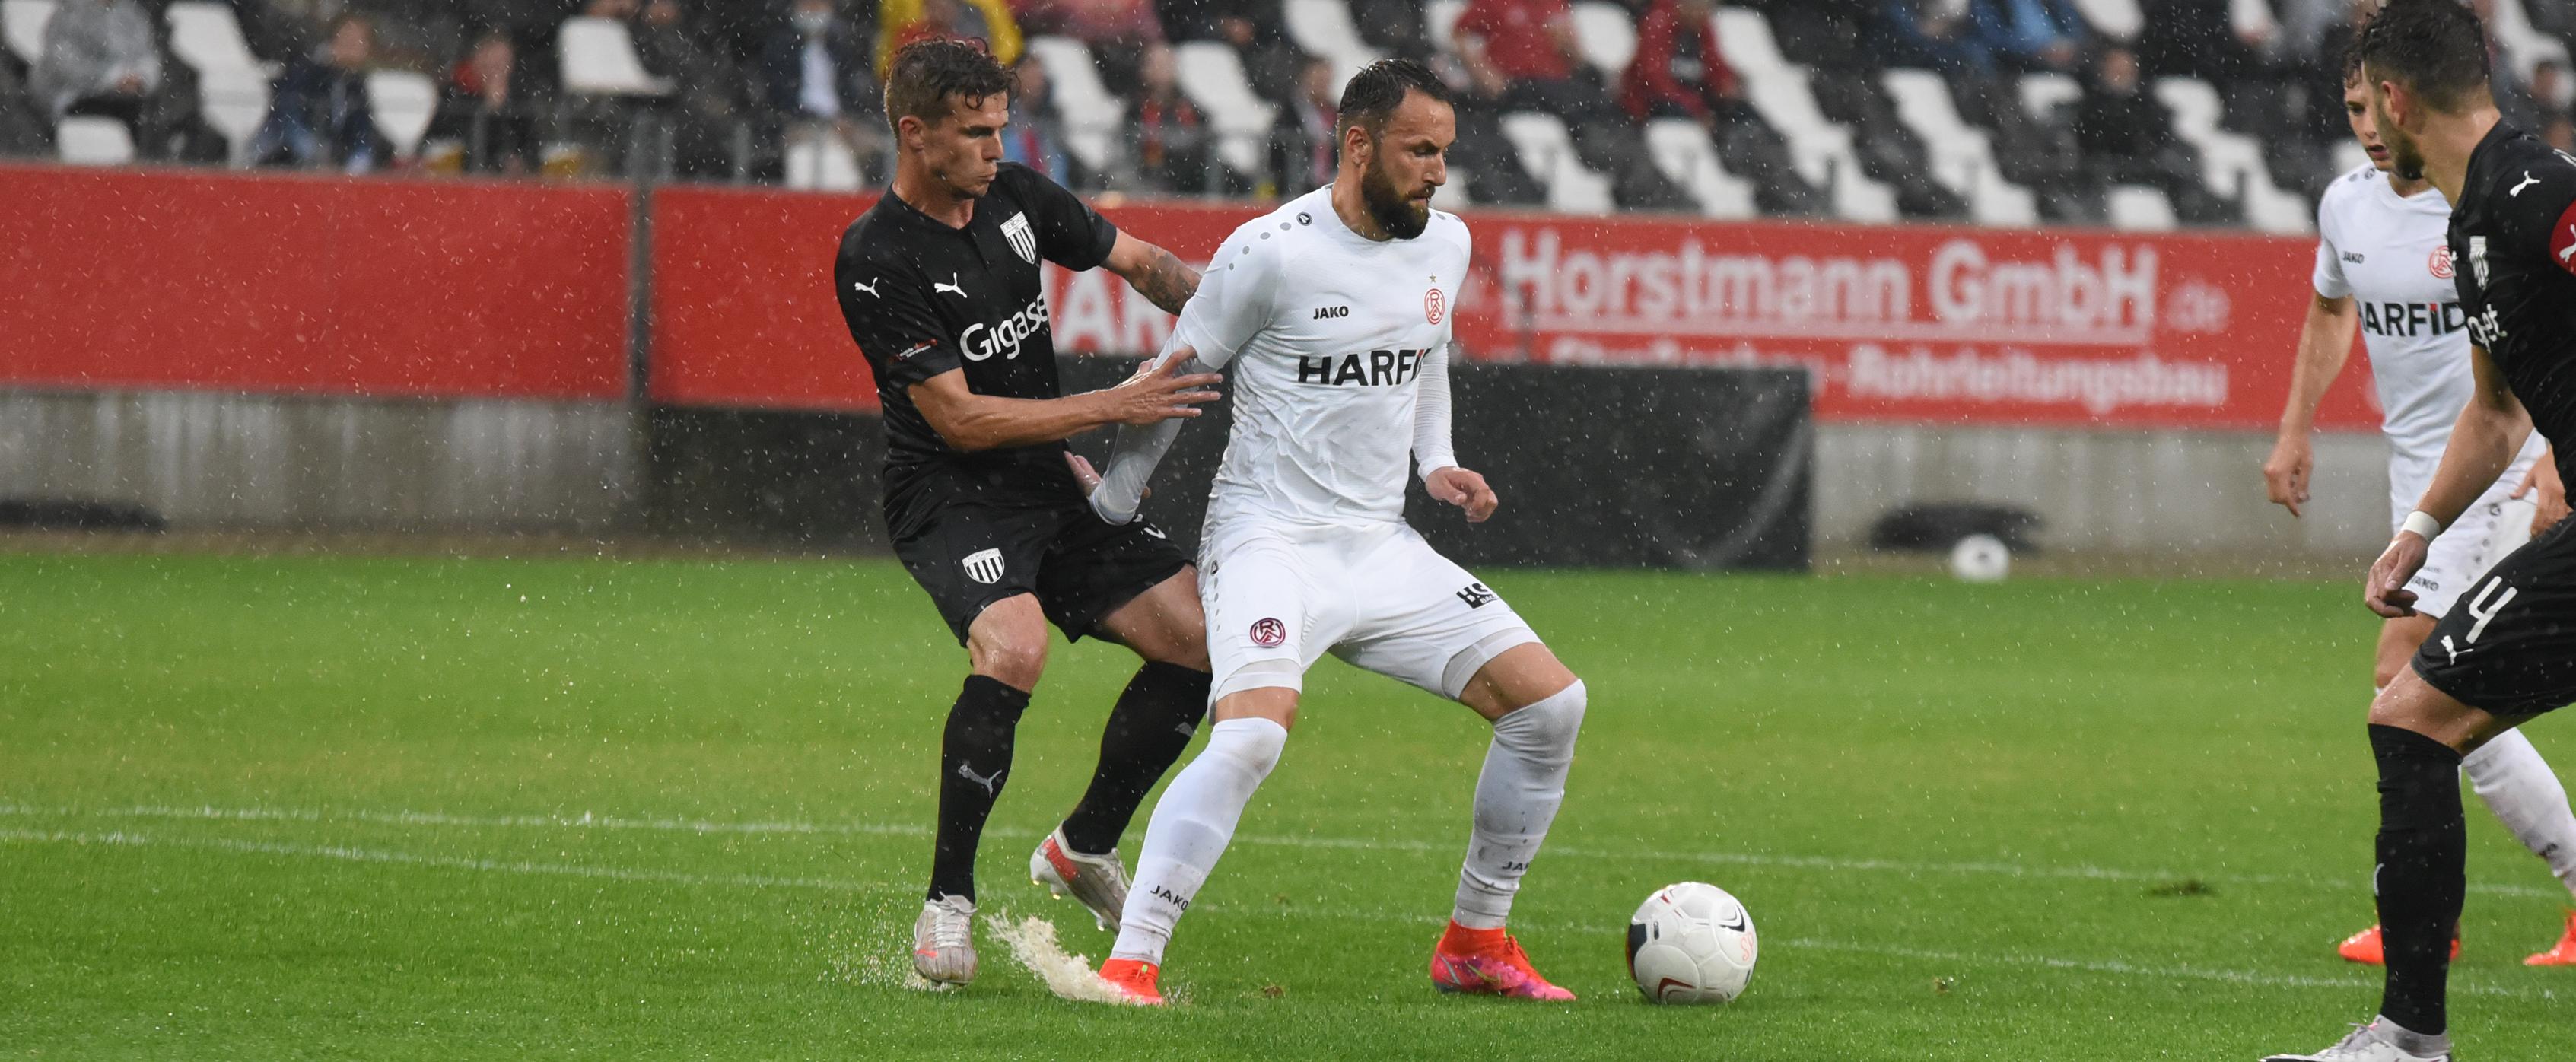 Ungewohnt, gegen Rot-Weiss zu verteidigen: Kevin Grund (l.) spielt ab sofort für den 1. FC Bocholt, behält RWE aber im Herzen. (Foto: Rotzoll)